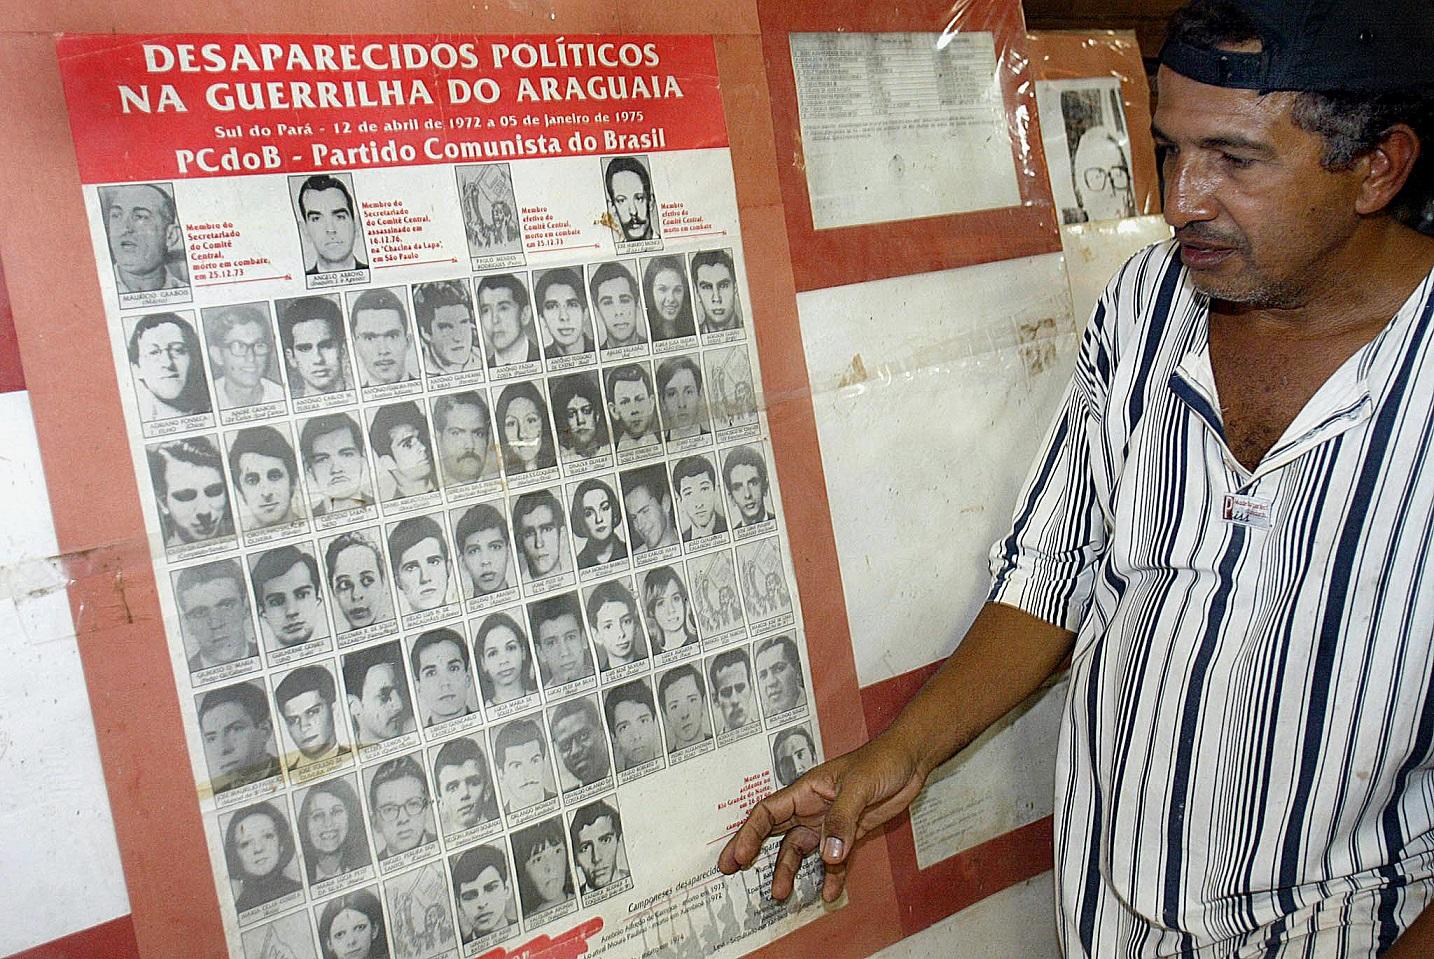 Cartaz com as fotos dos guerrilheiros desaparecidos no Araguaia. Foto Vanderlei Almeida/AFP